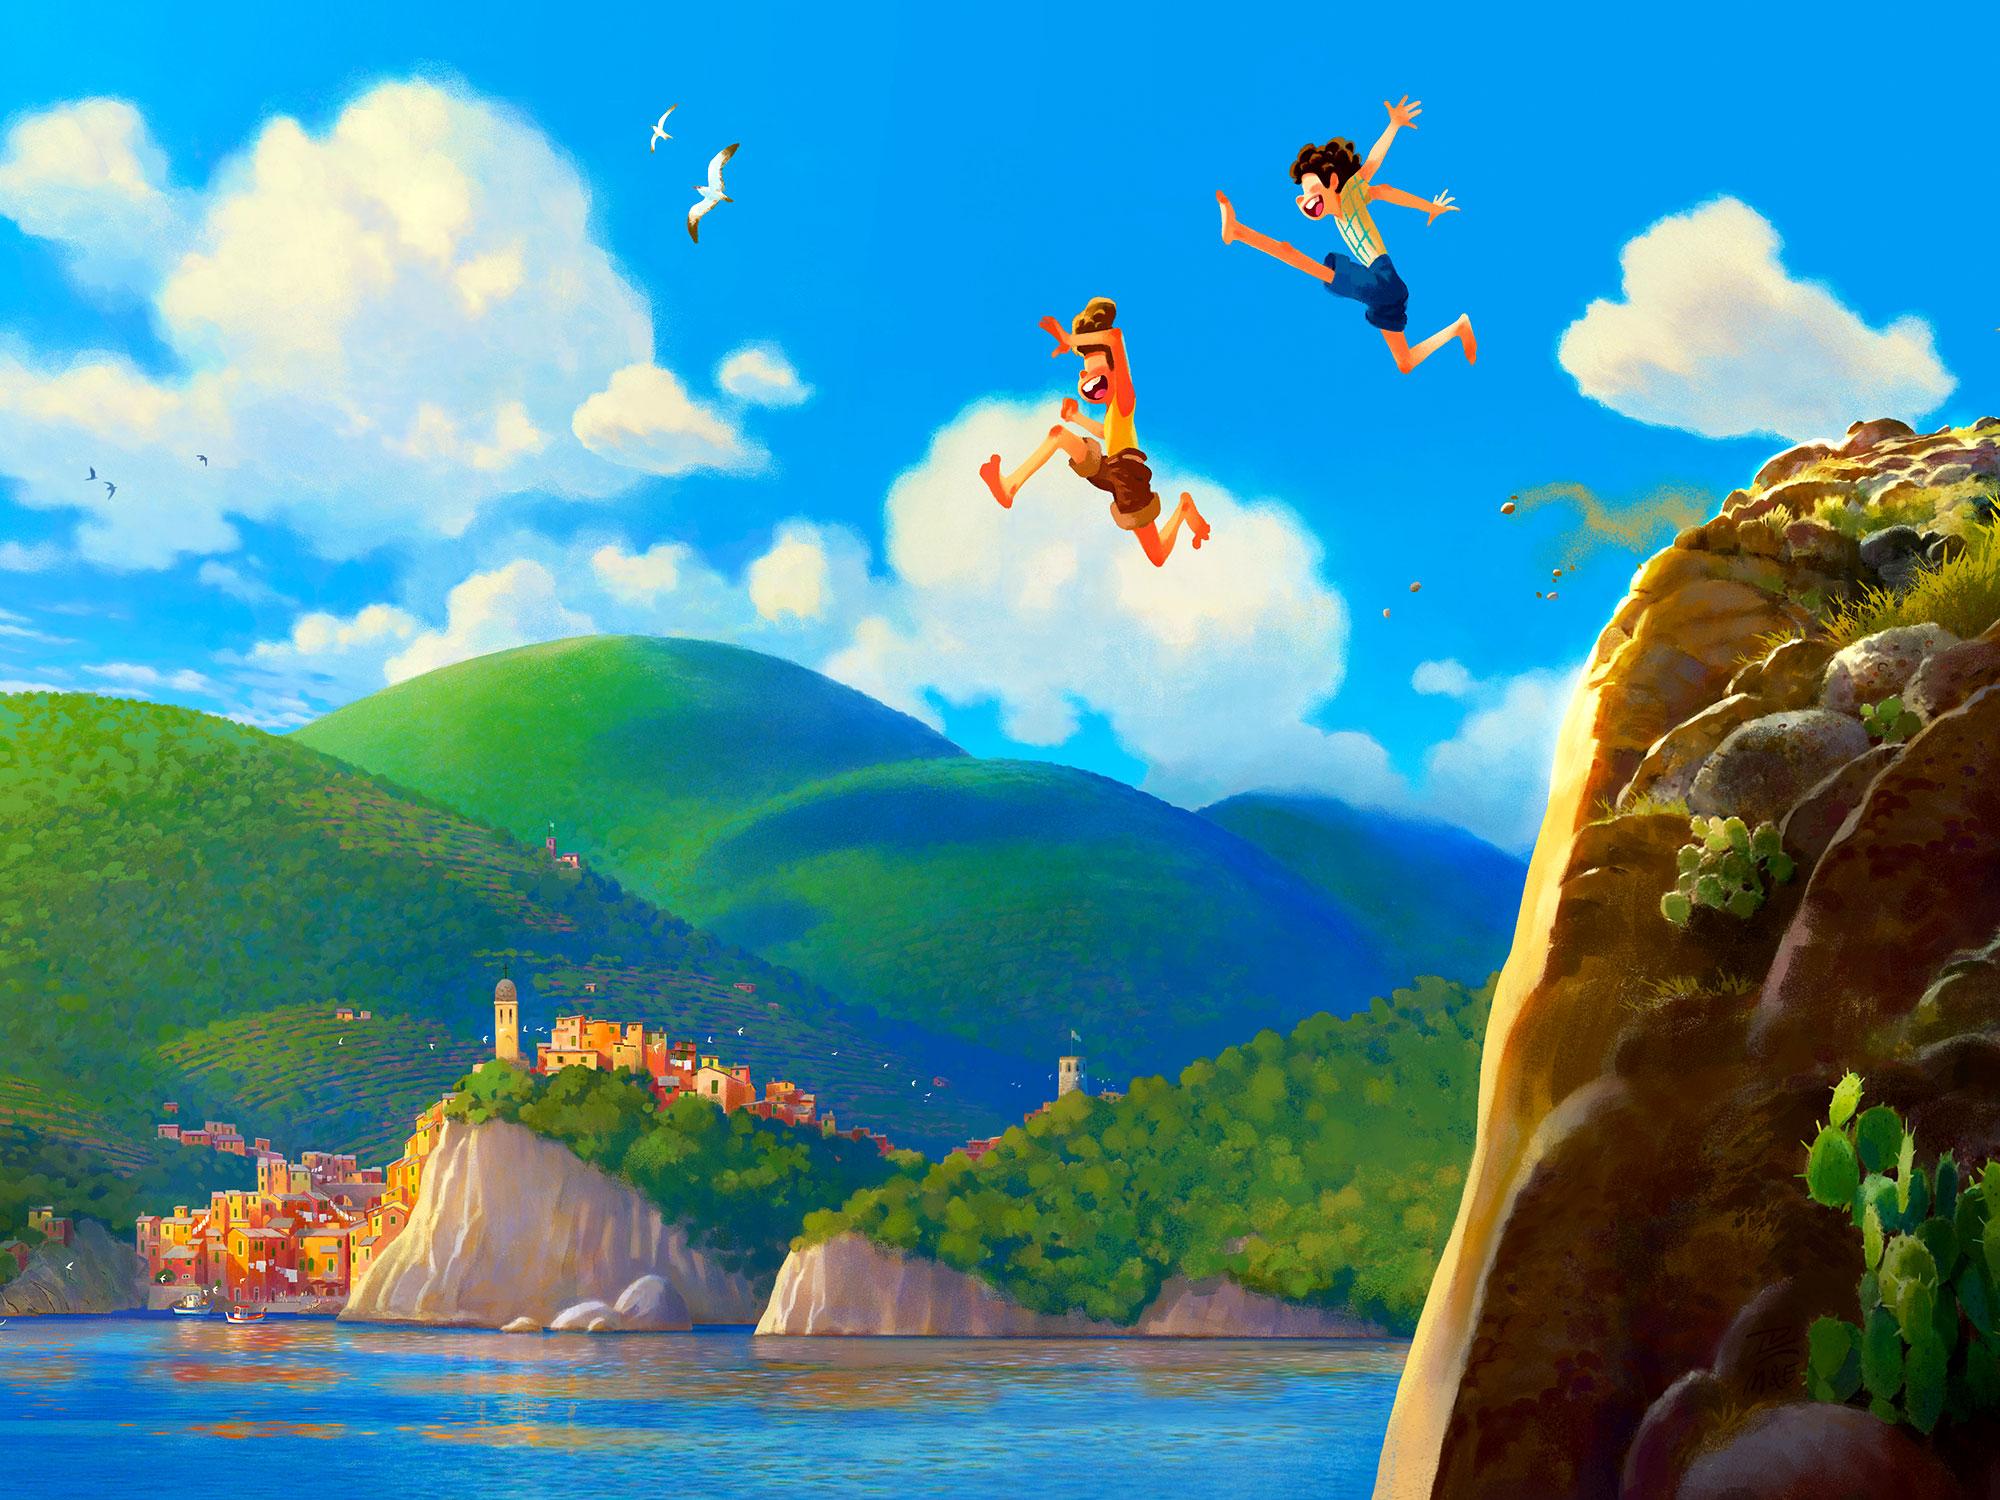 Pixar's Luca